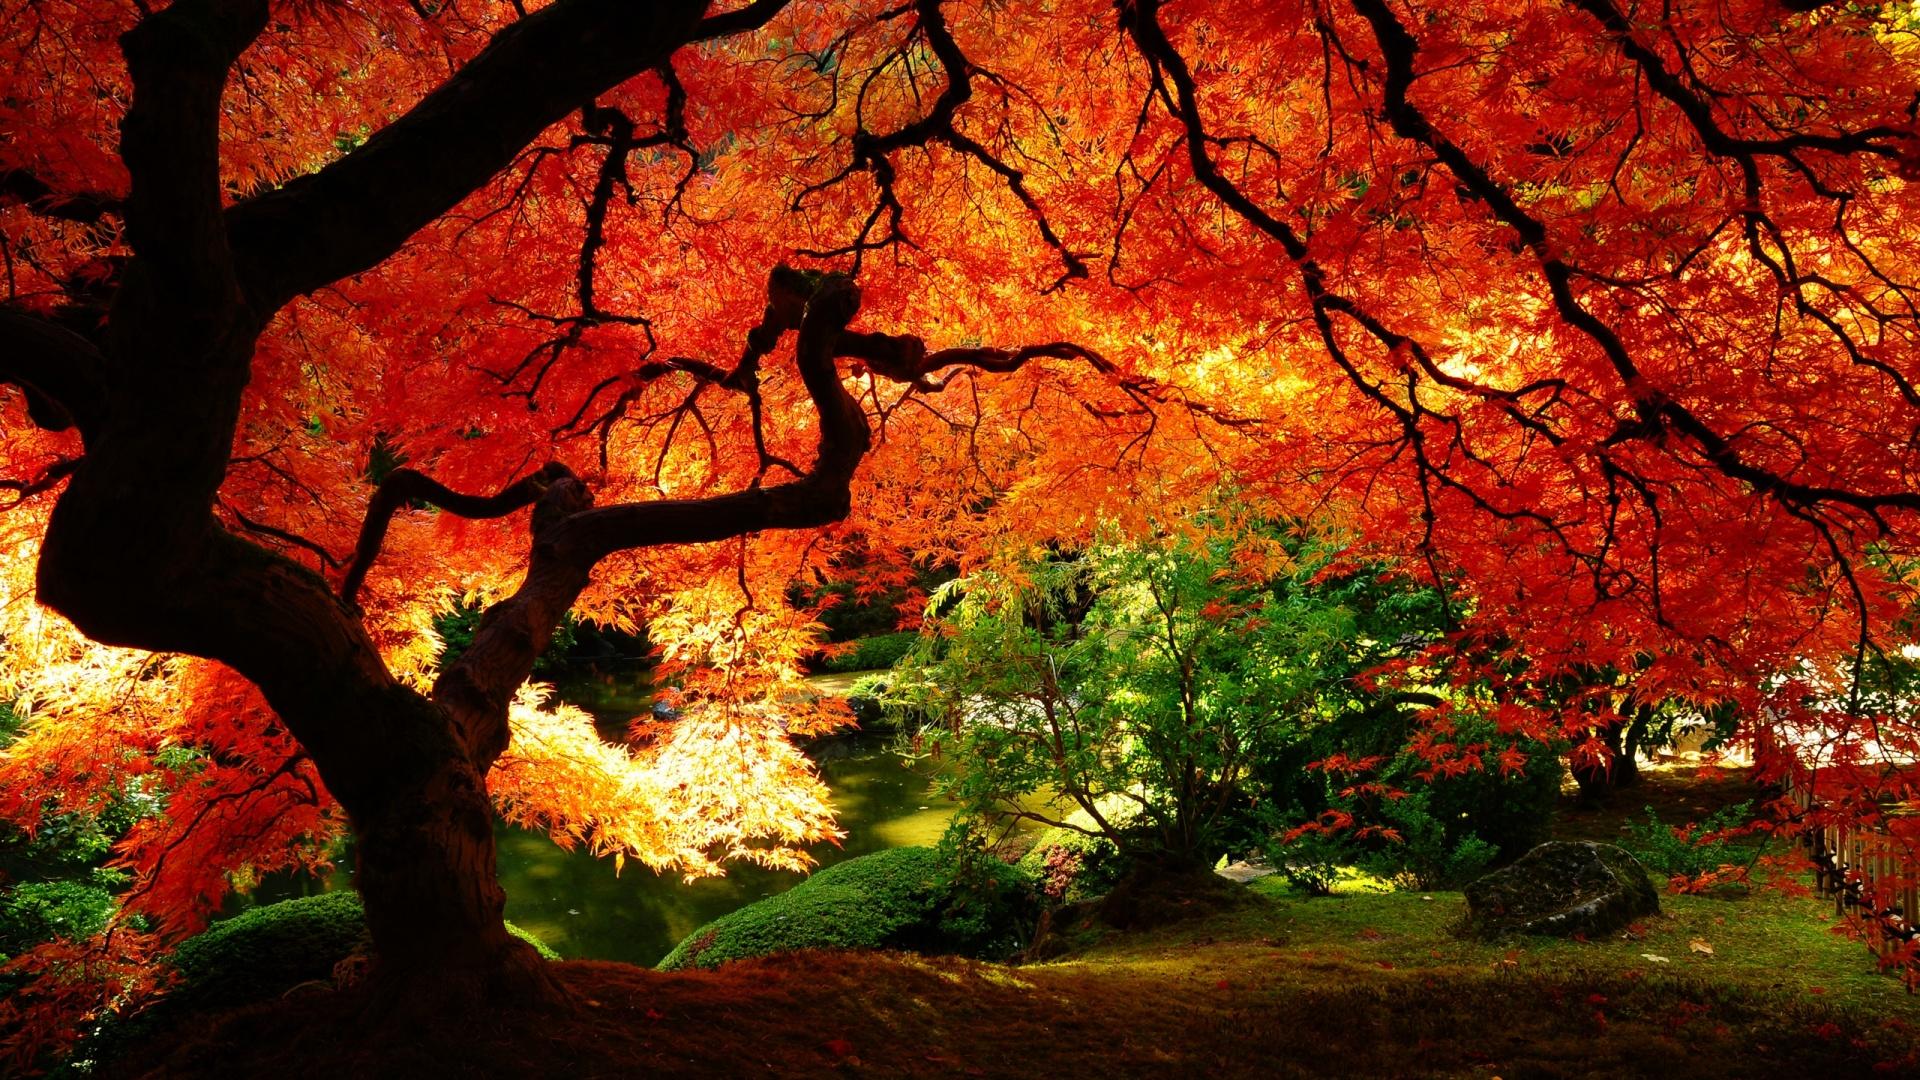 Autumn wallpaper   258935 1920x1080